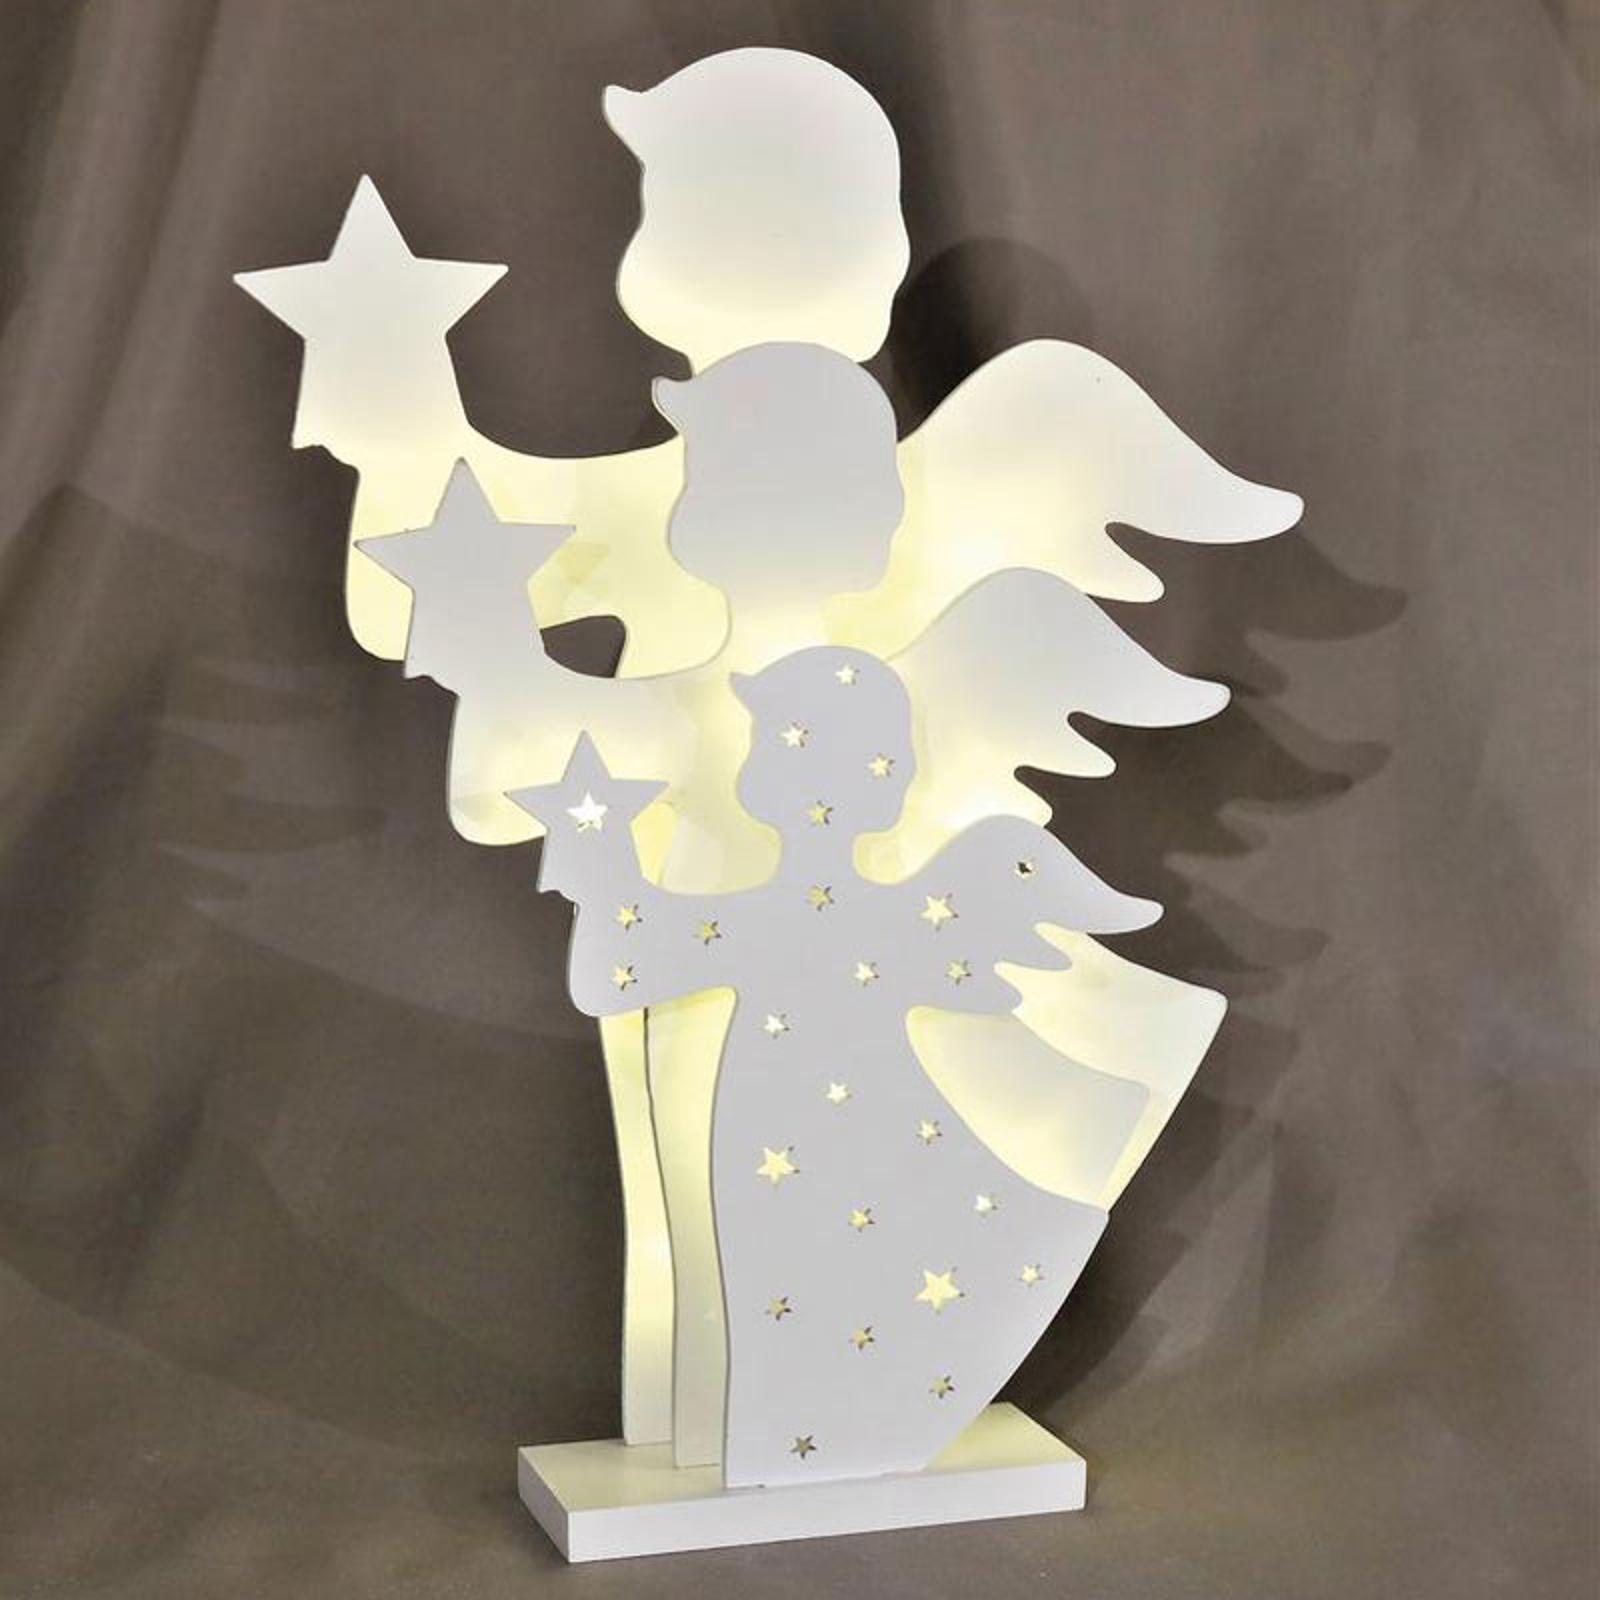 Lampe décorative LED Ange 3D